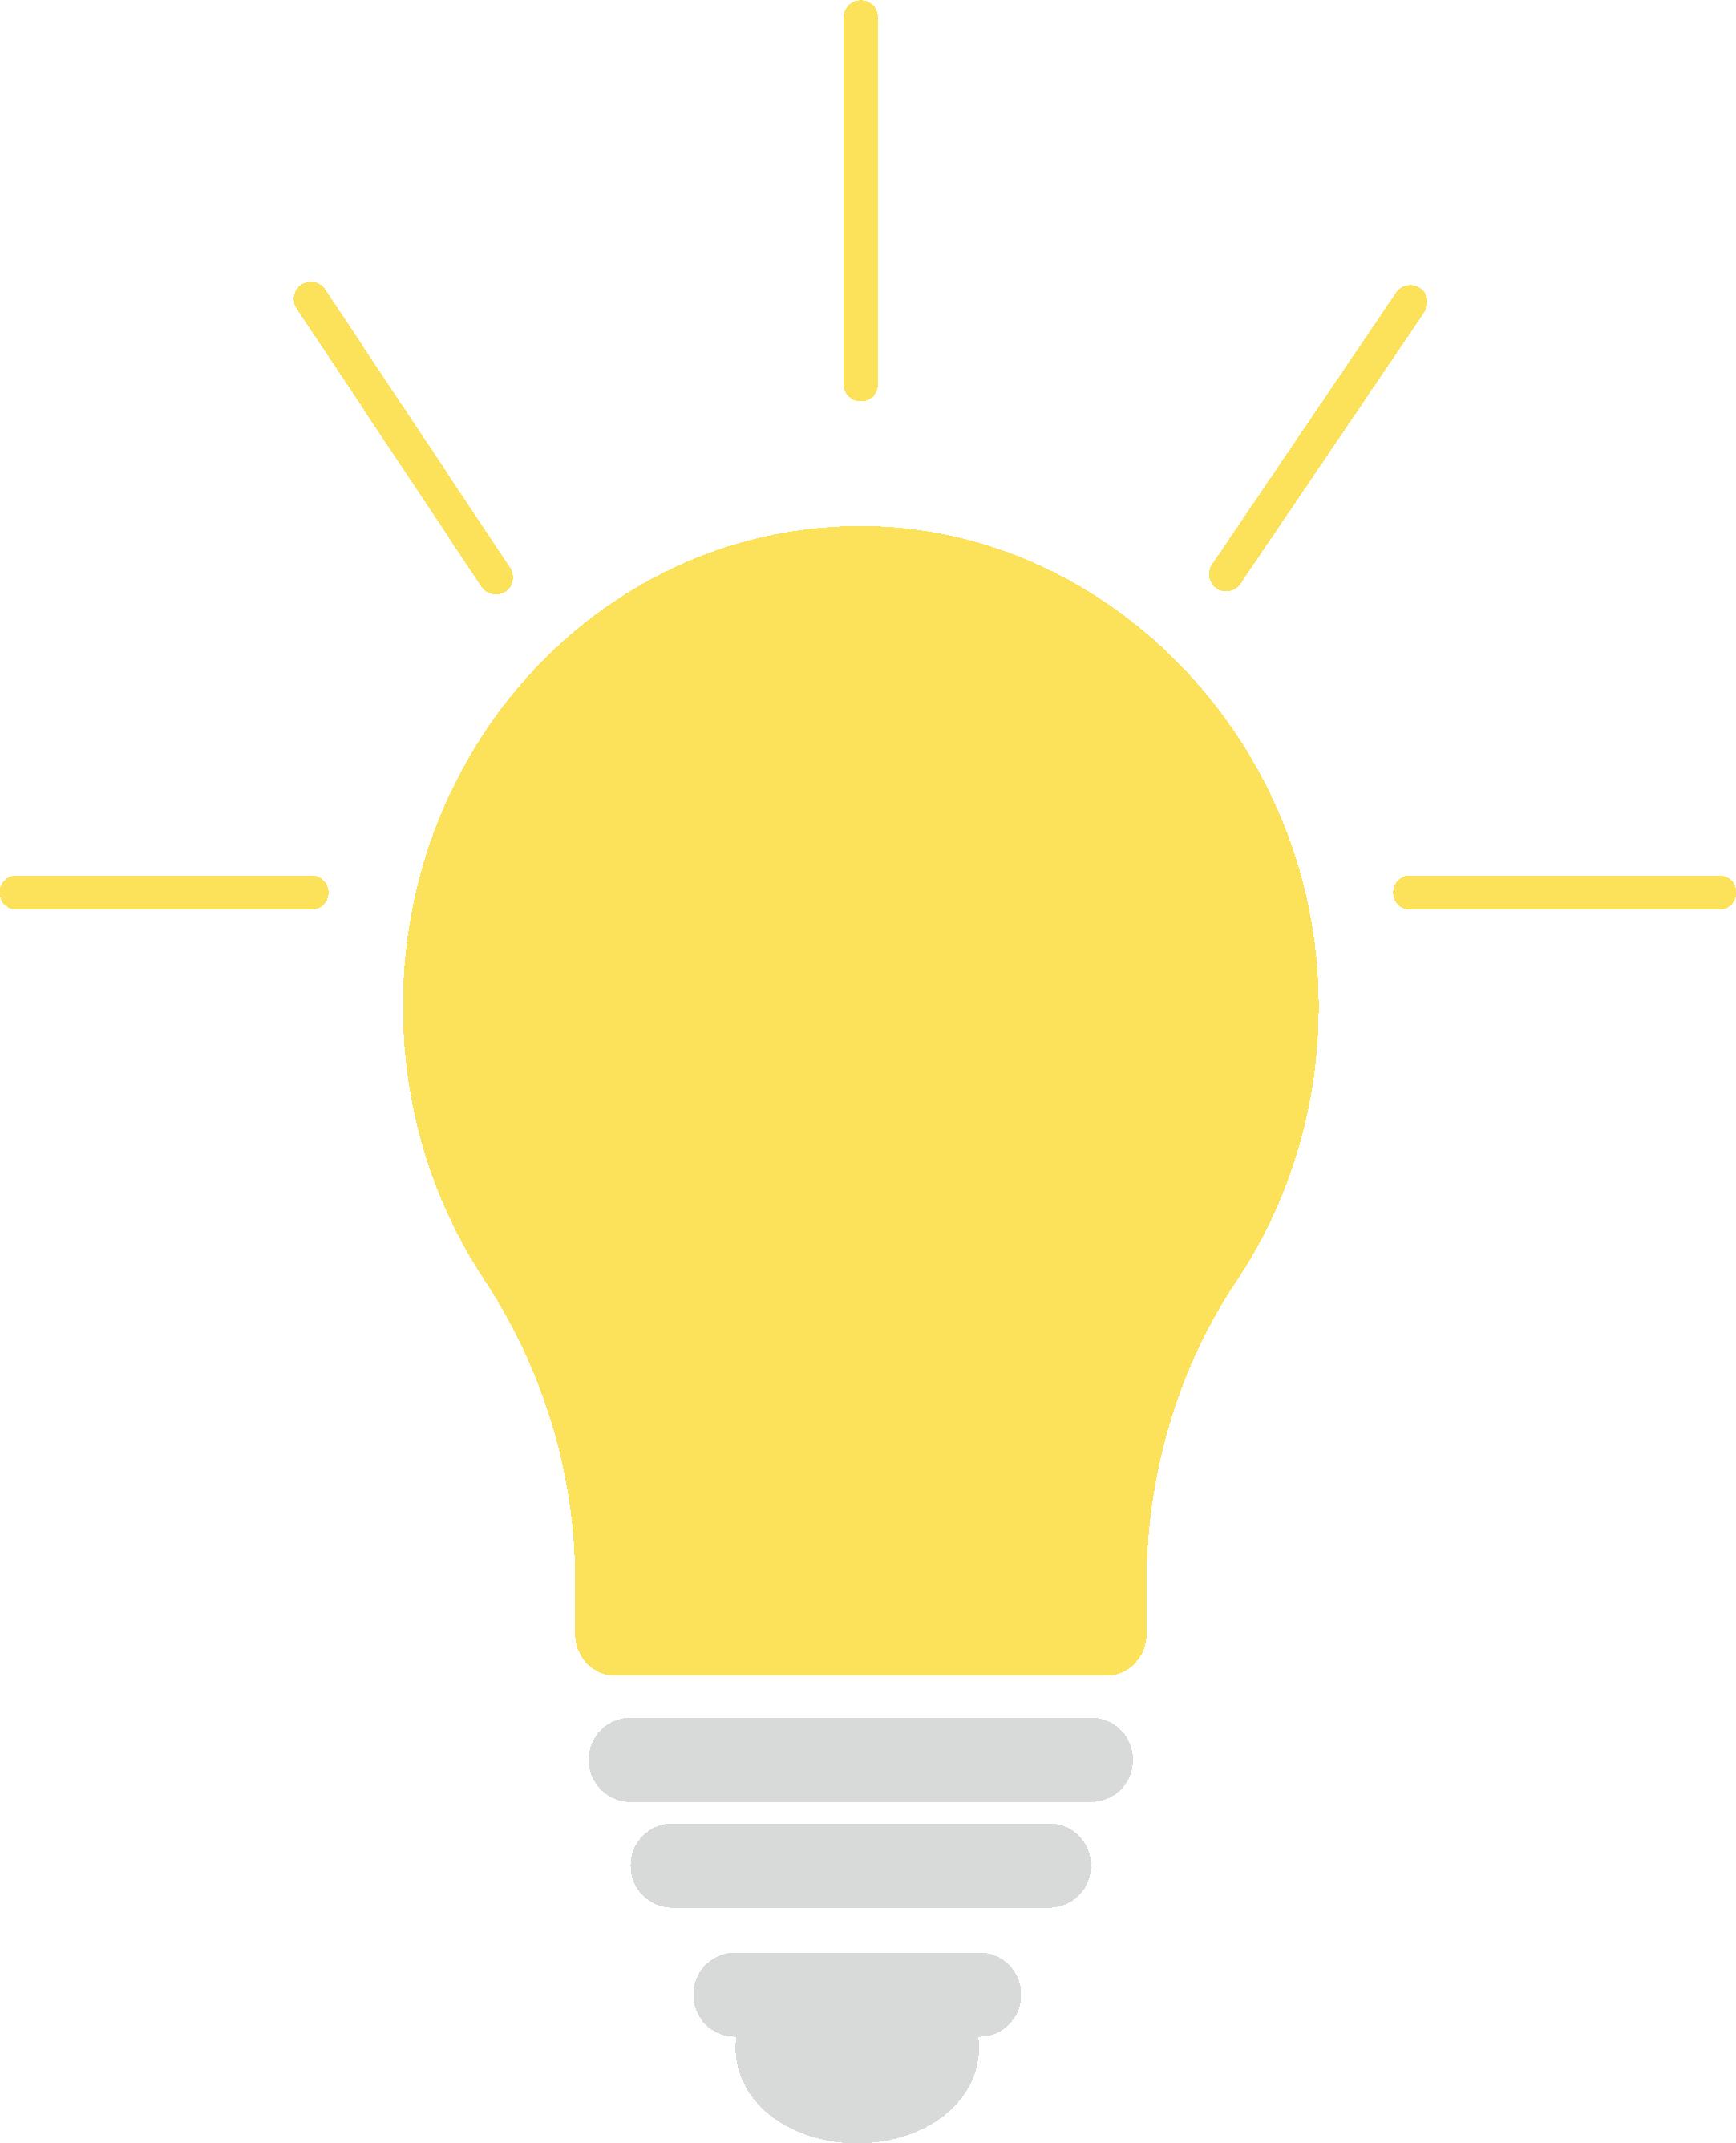 Idea bulb graphic